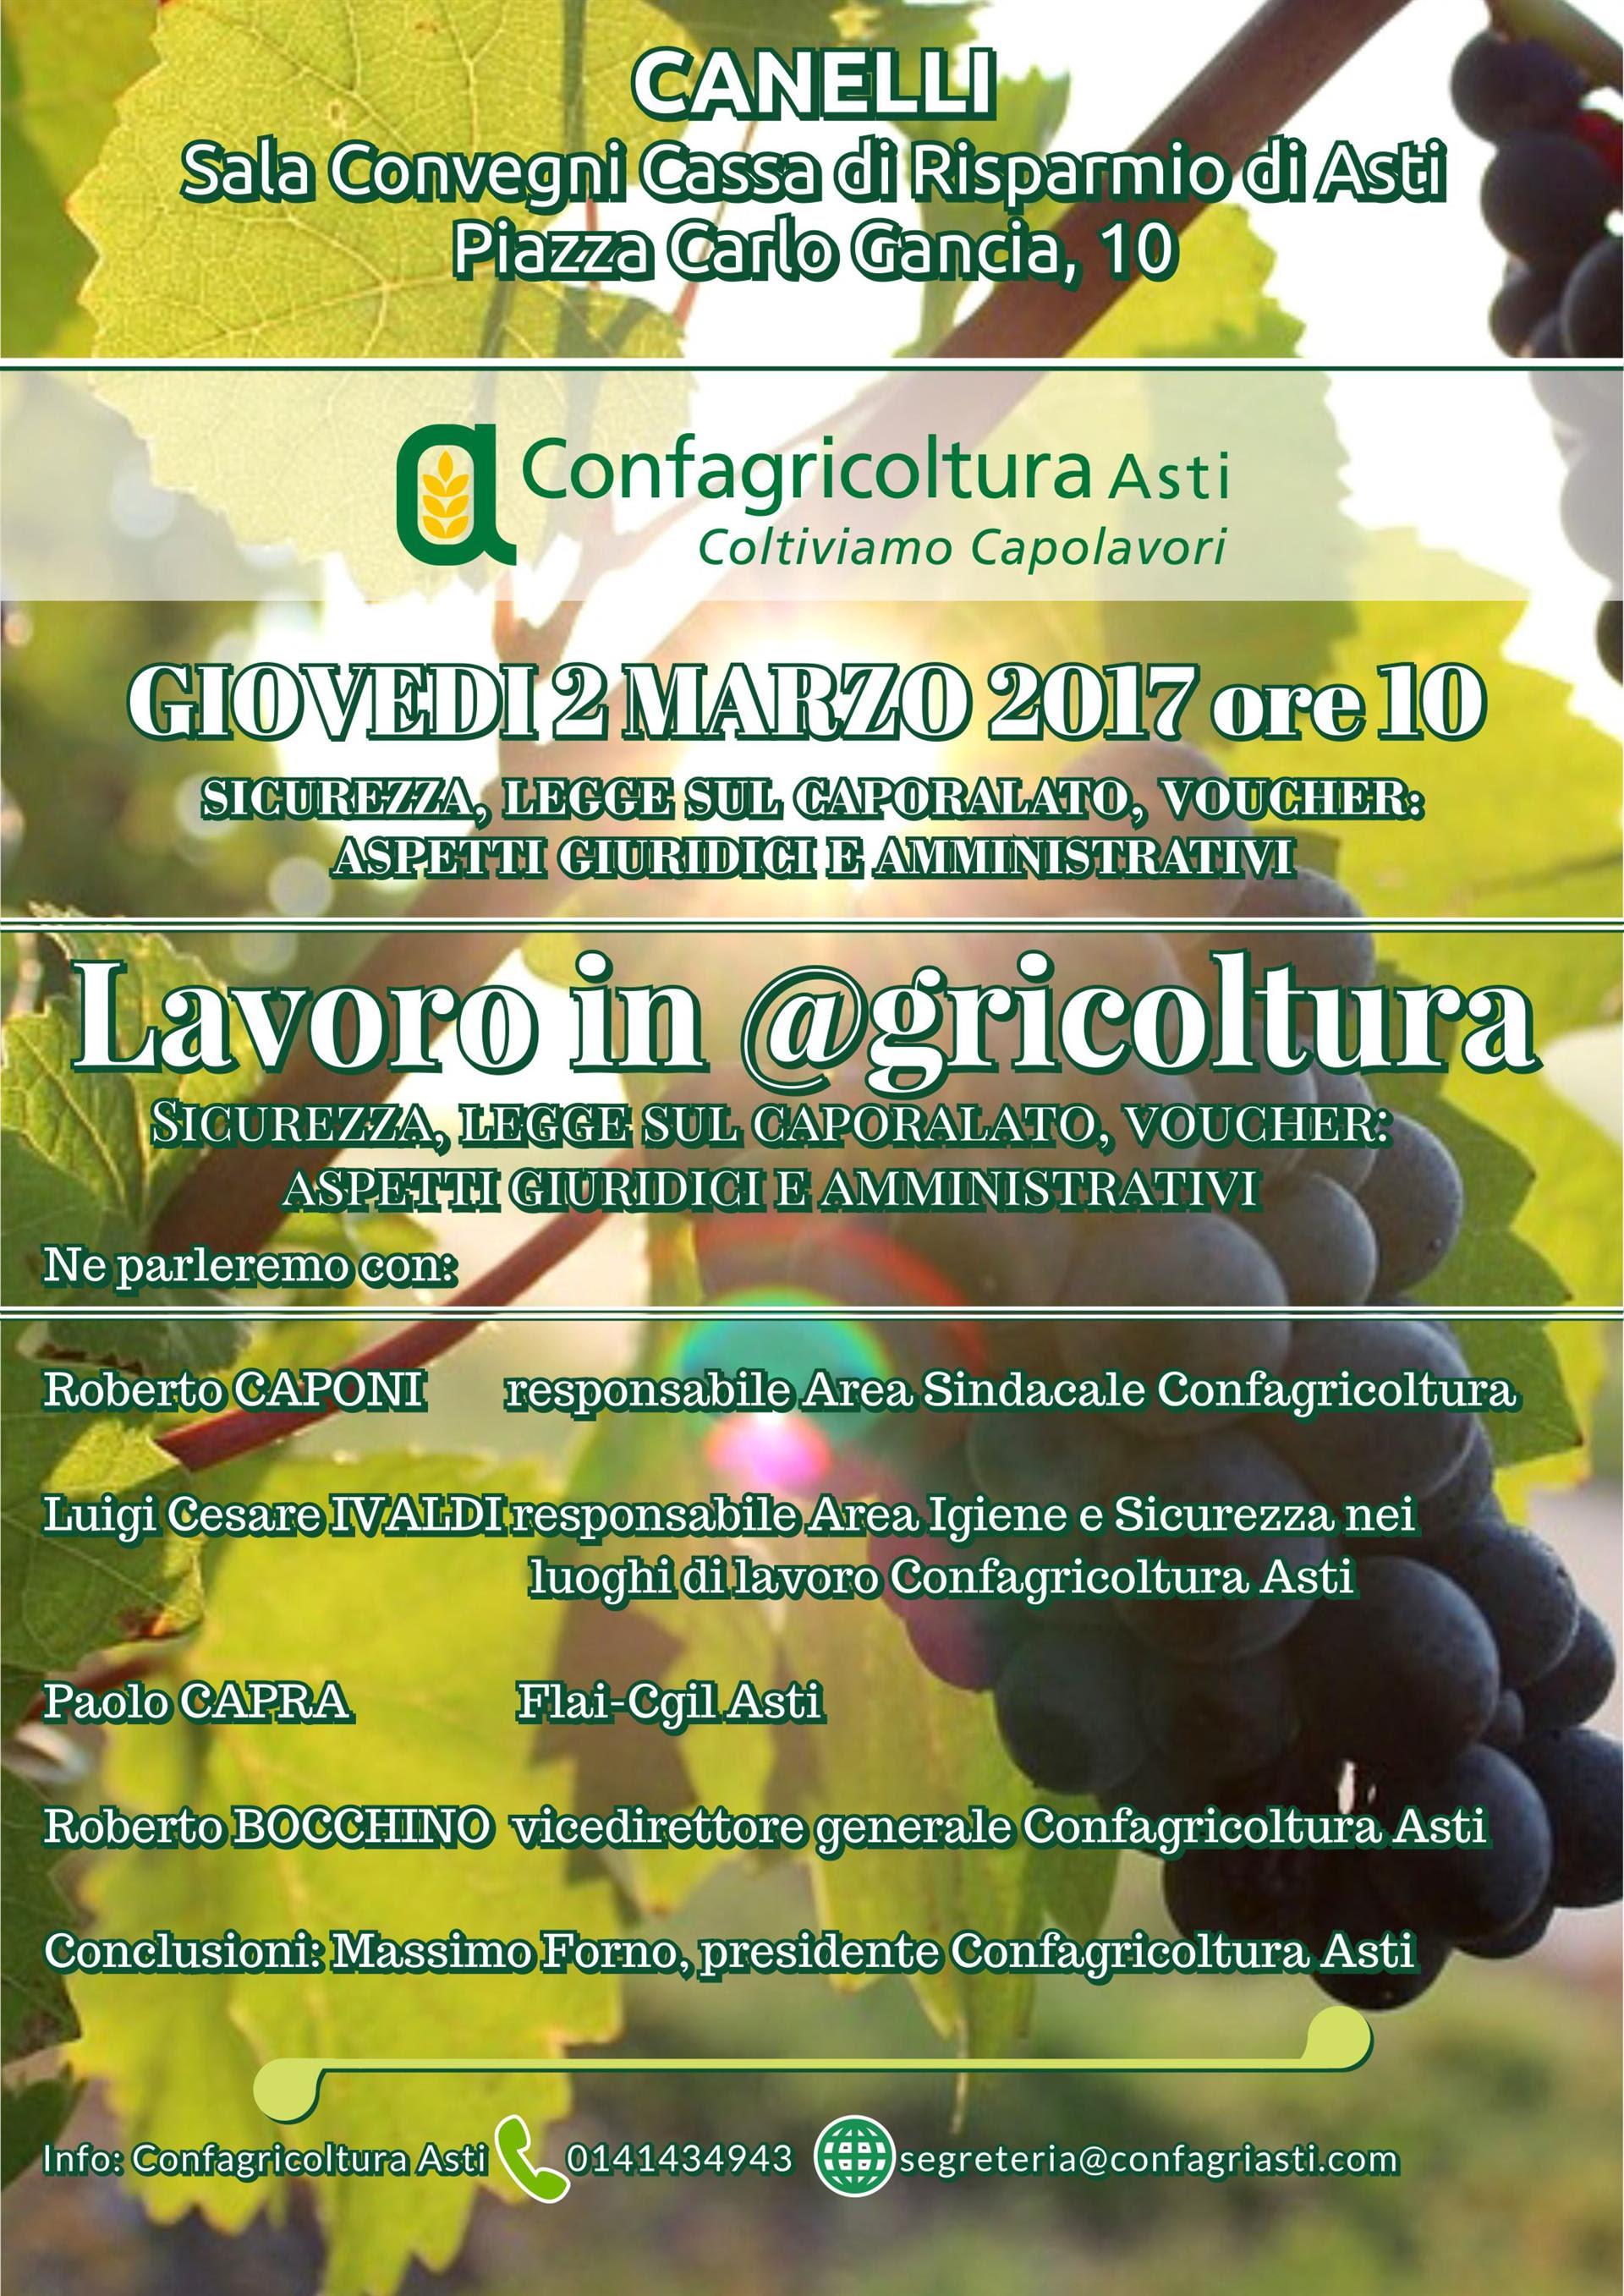 """""""Lavoro in agricoltura"""": un convegno di Confagricoltura Asti a Canelli"""